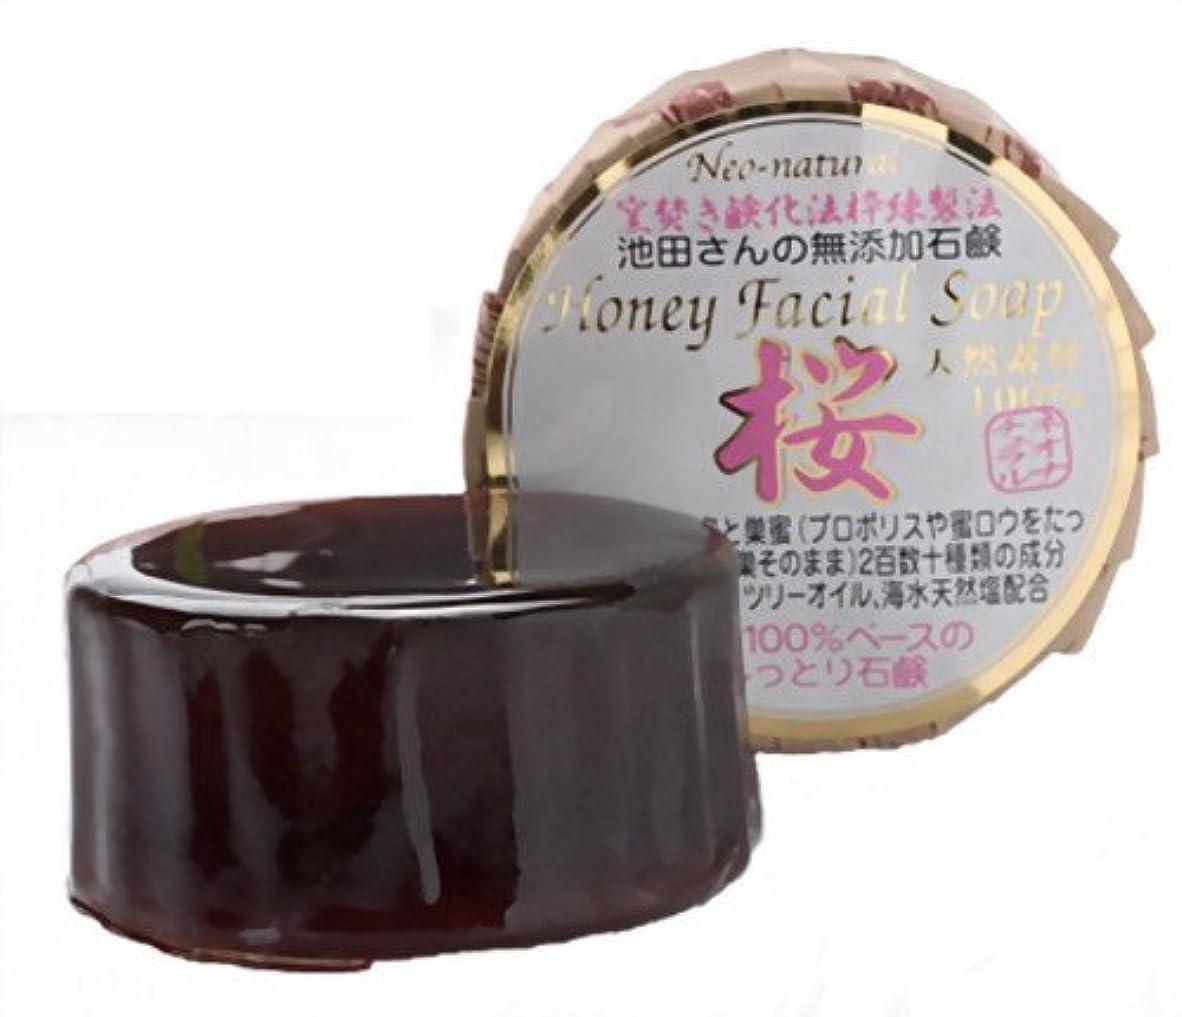 シャトルコーナーステンレスネオナチュラル 池田さんのハニーフェイシャルソープ桜 80g